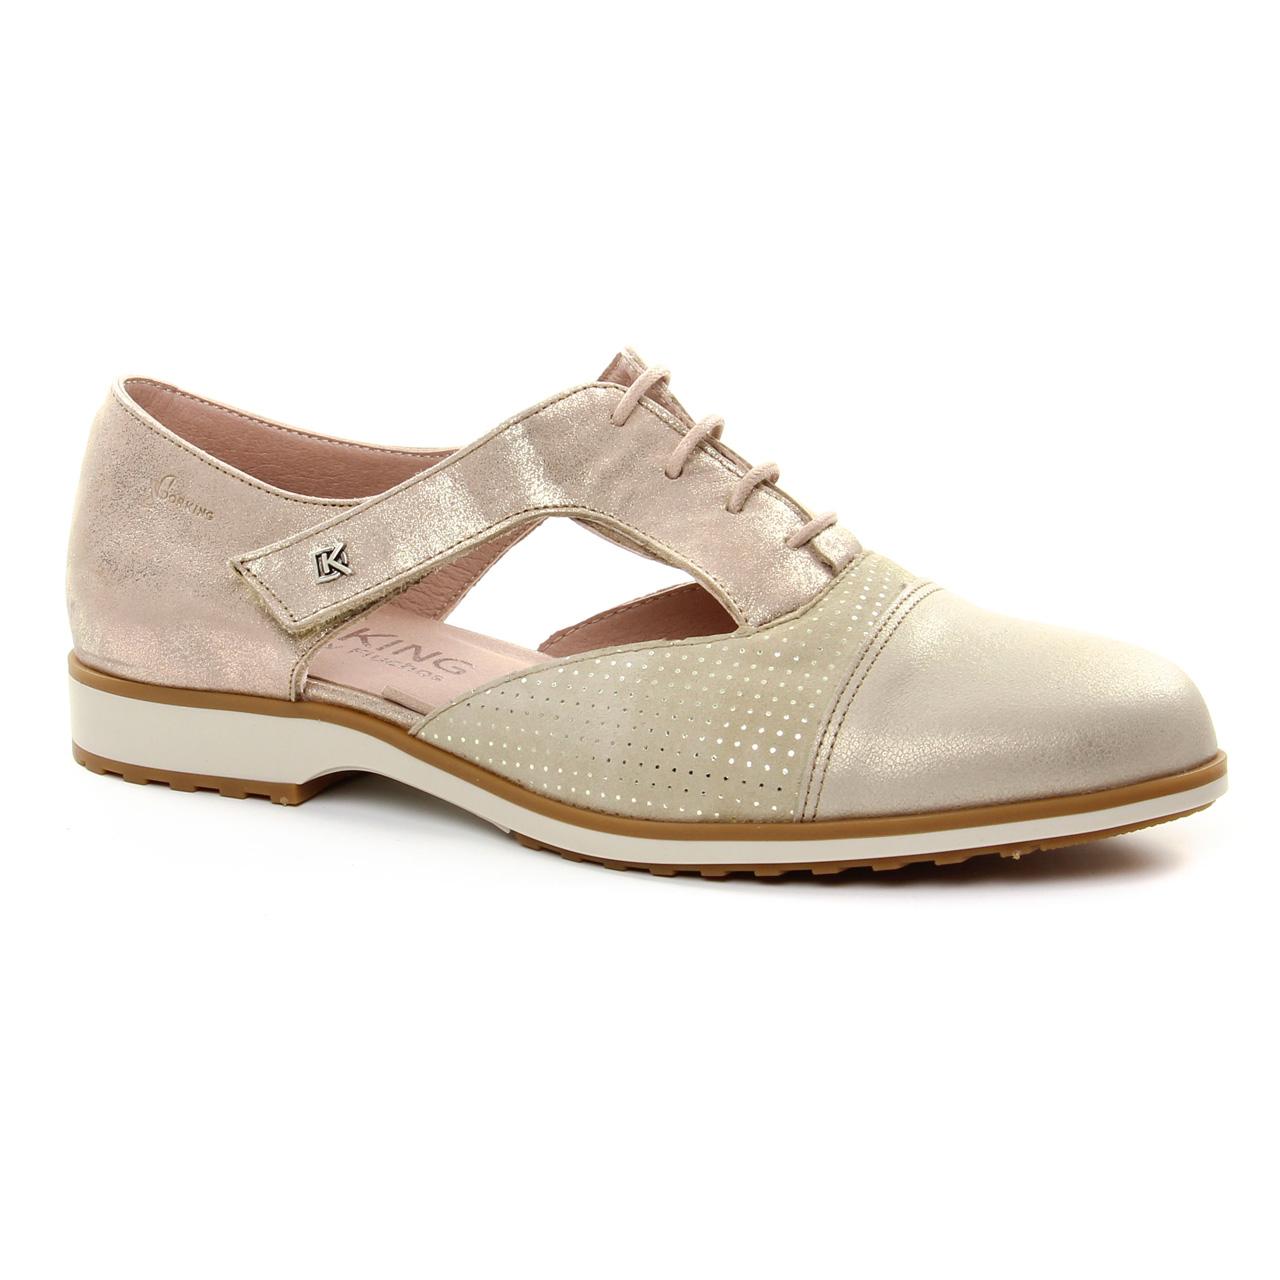 Dorking Chaussures LOU Sneakernews De Sortie Classique Pas Cher Jeu Site En Ligne Officiel iJfgO